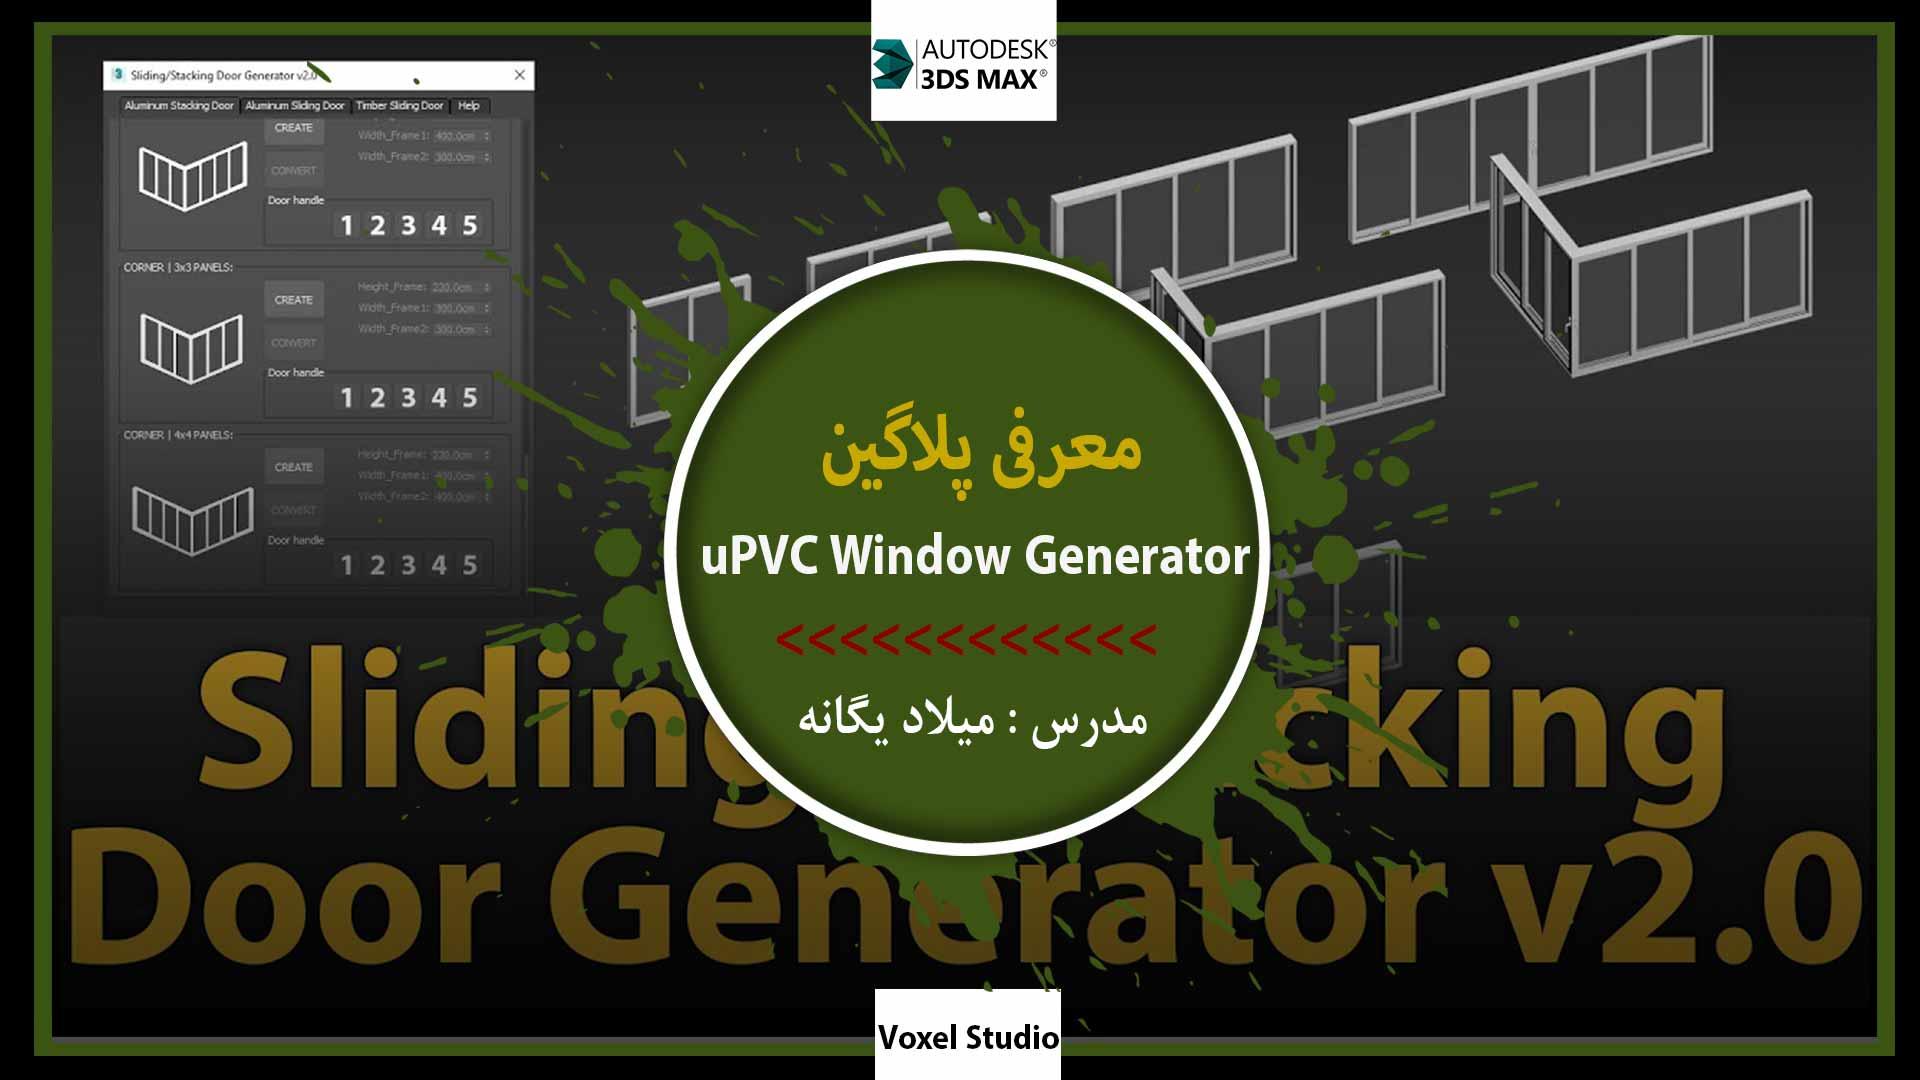 دانلود پلاگین Upvc window Generator 2.0